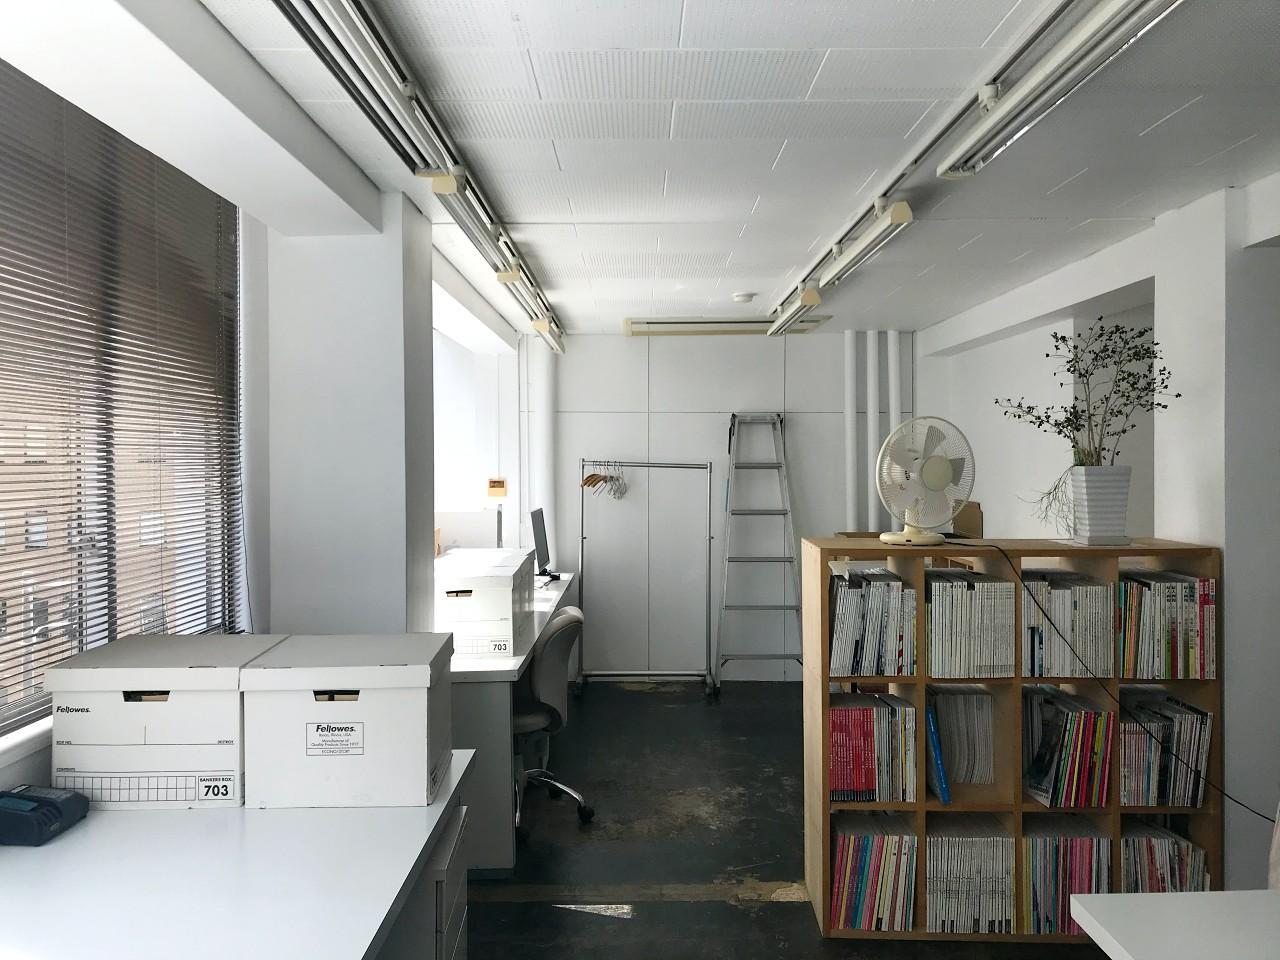 白にまとめられた、知的な雰囲気の空間